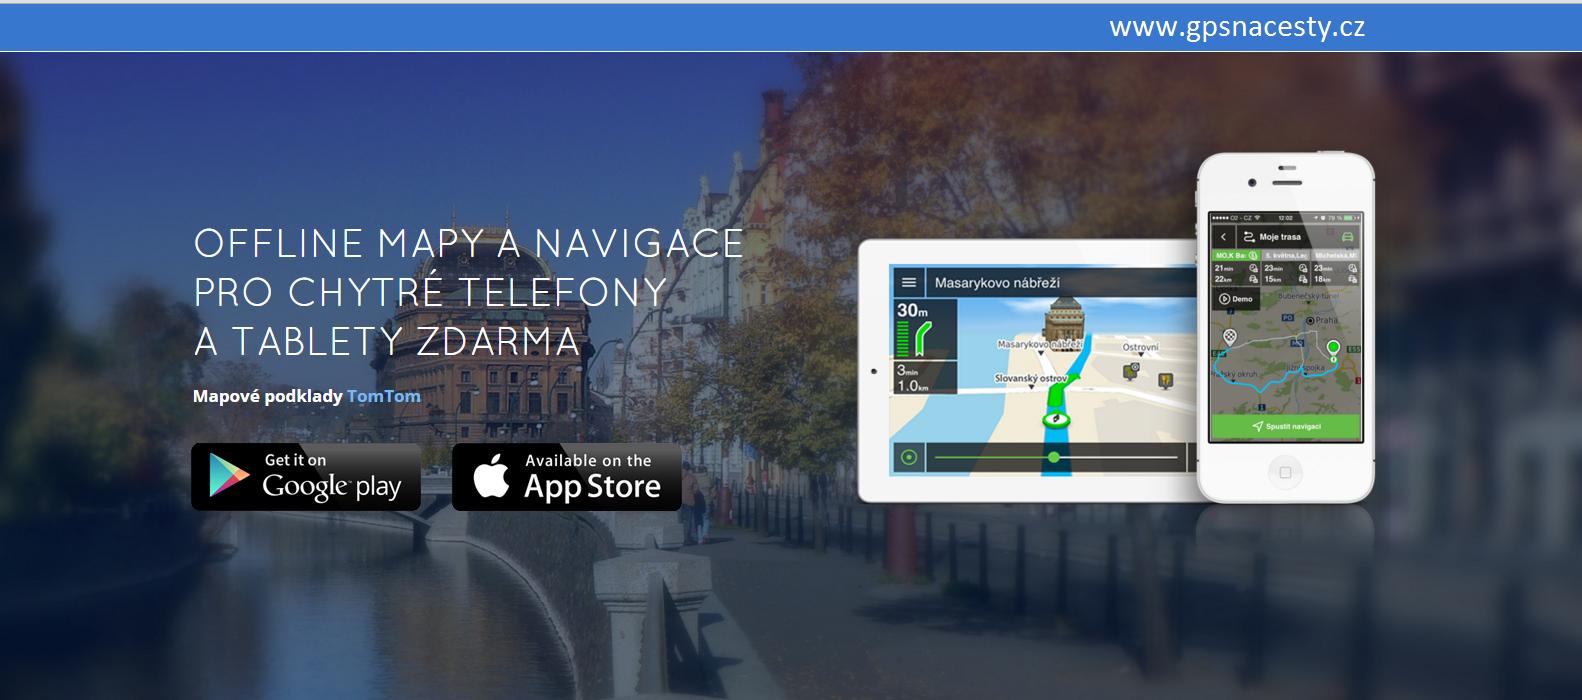 GPS NaCesty